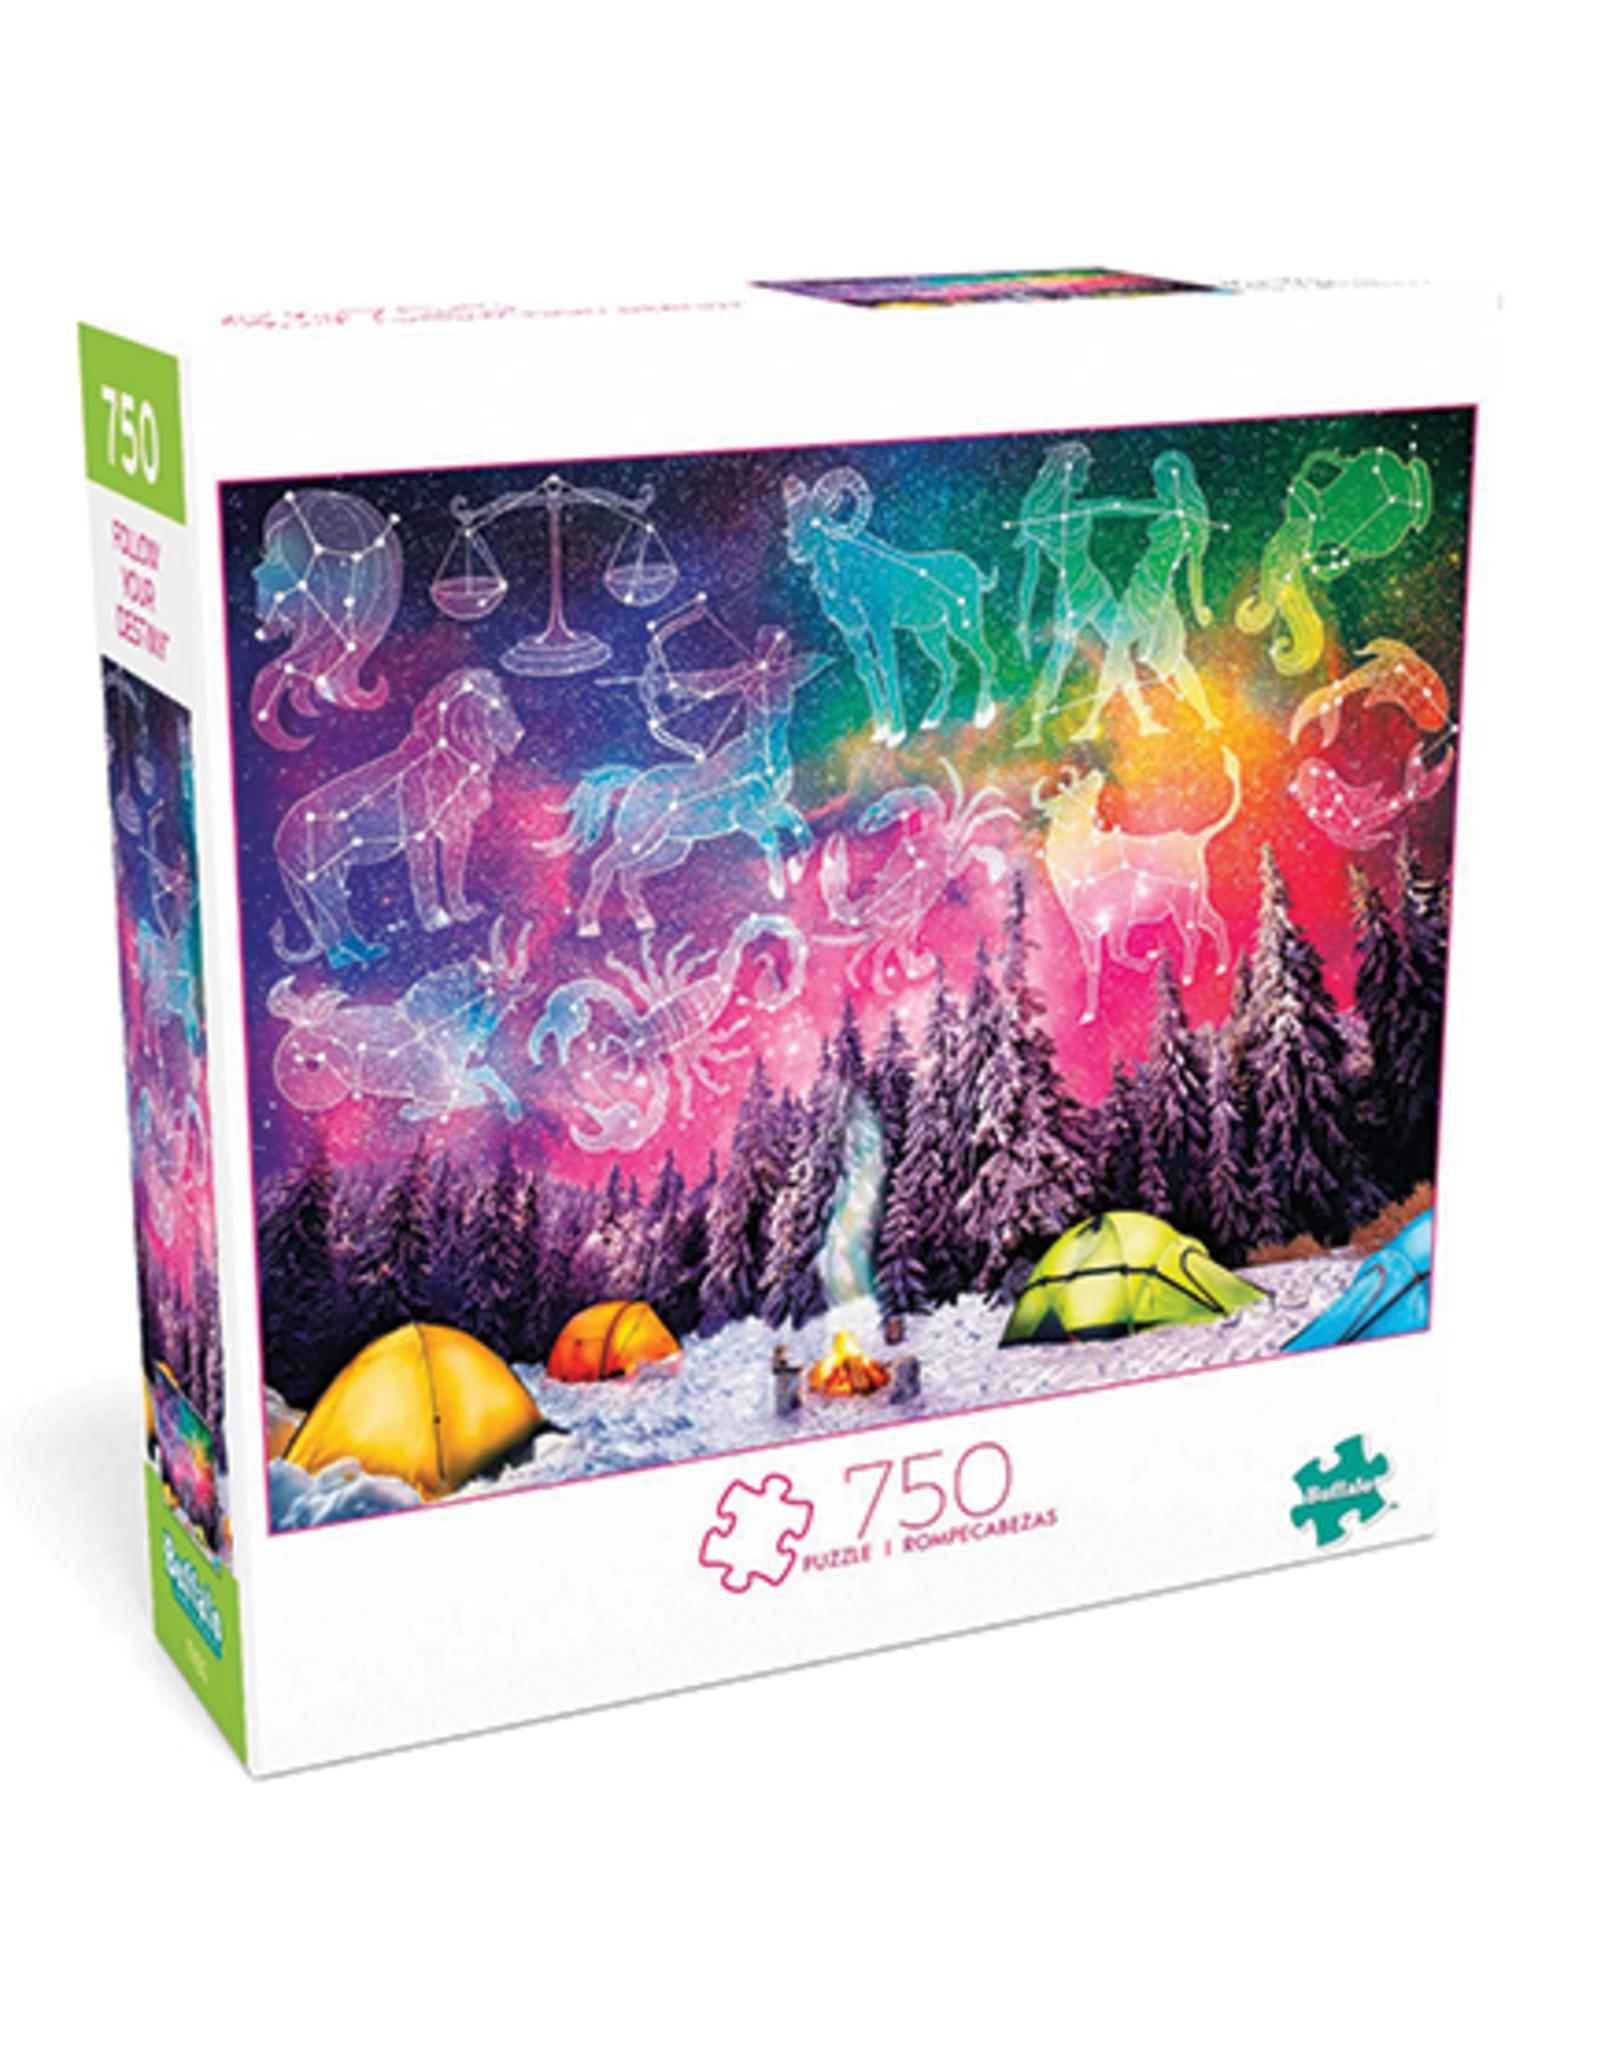 Follow Your Destiny 750 Piece Puzzle